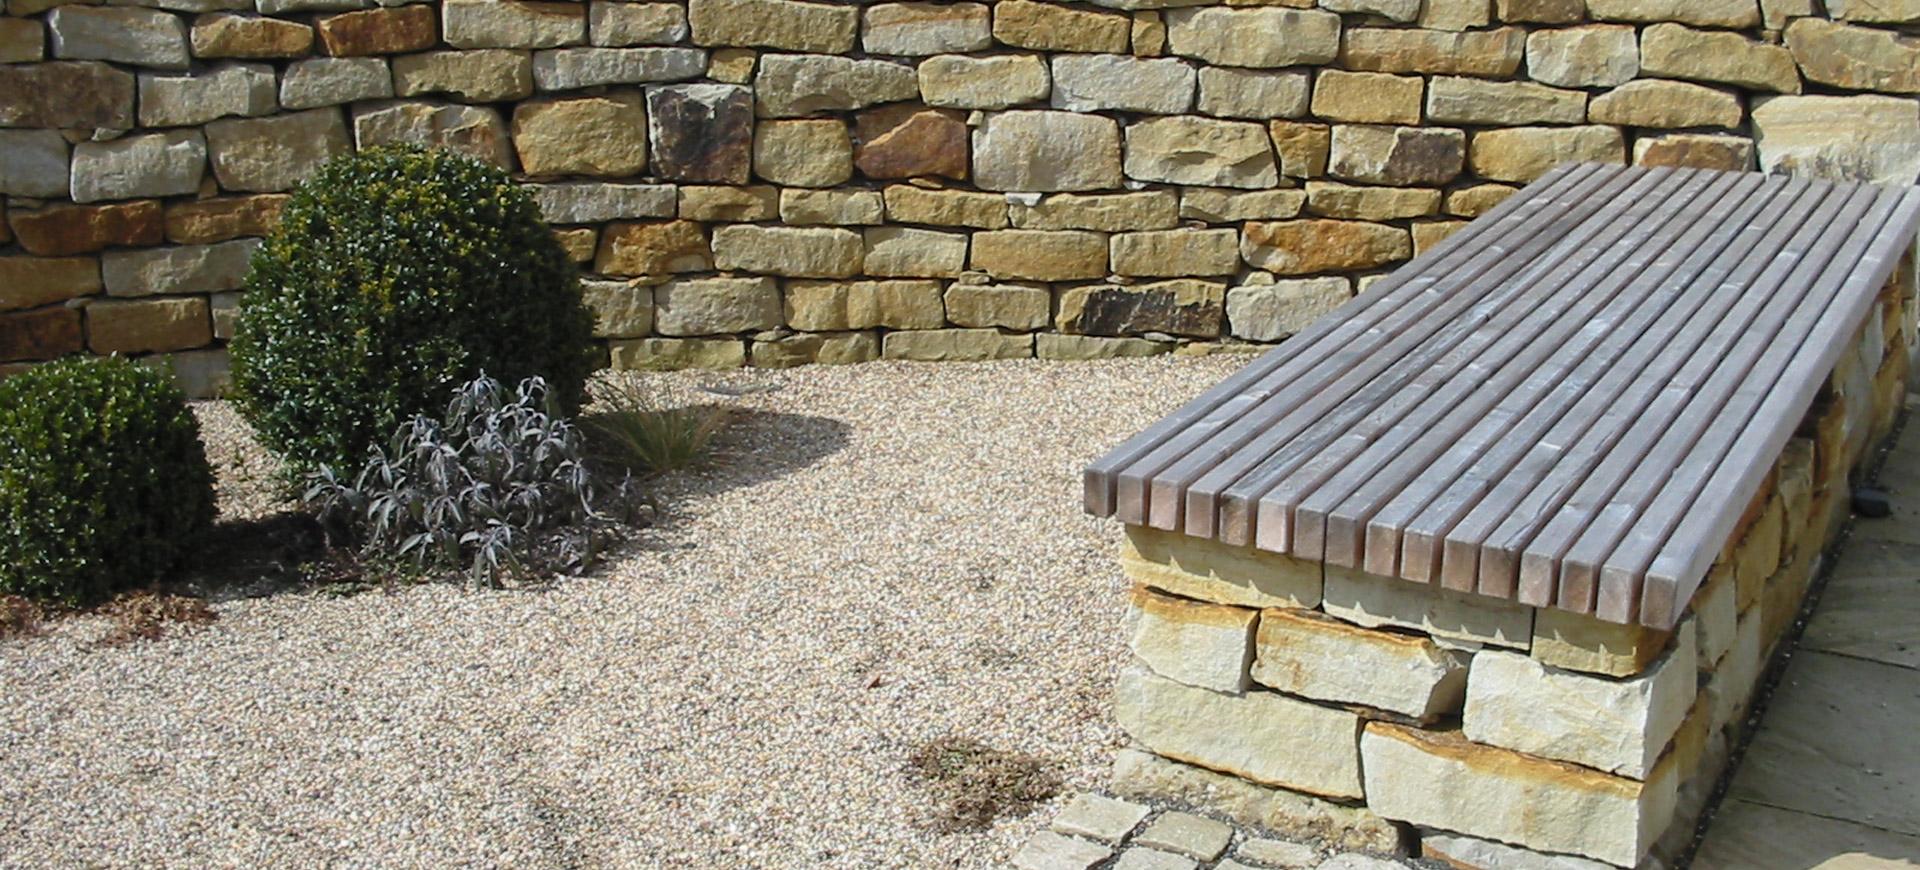 Mauer Zaun Sichtschutz Garten Driller Freiraumgestaltung